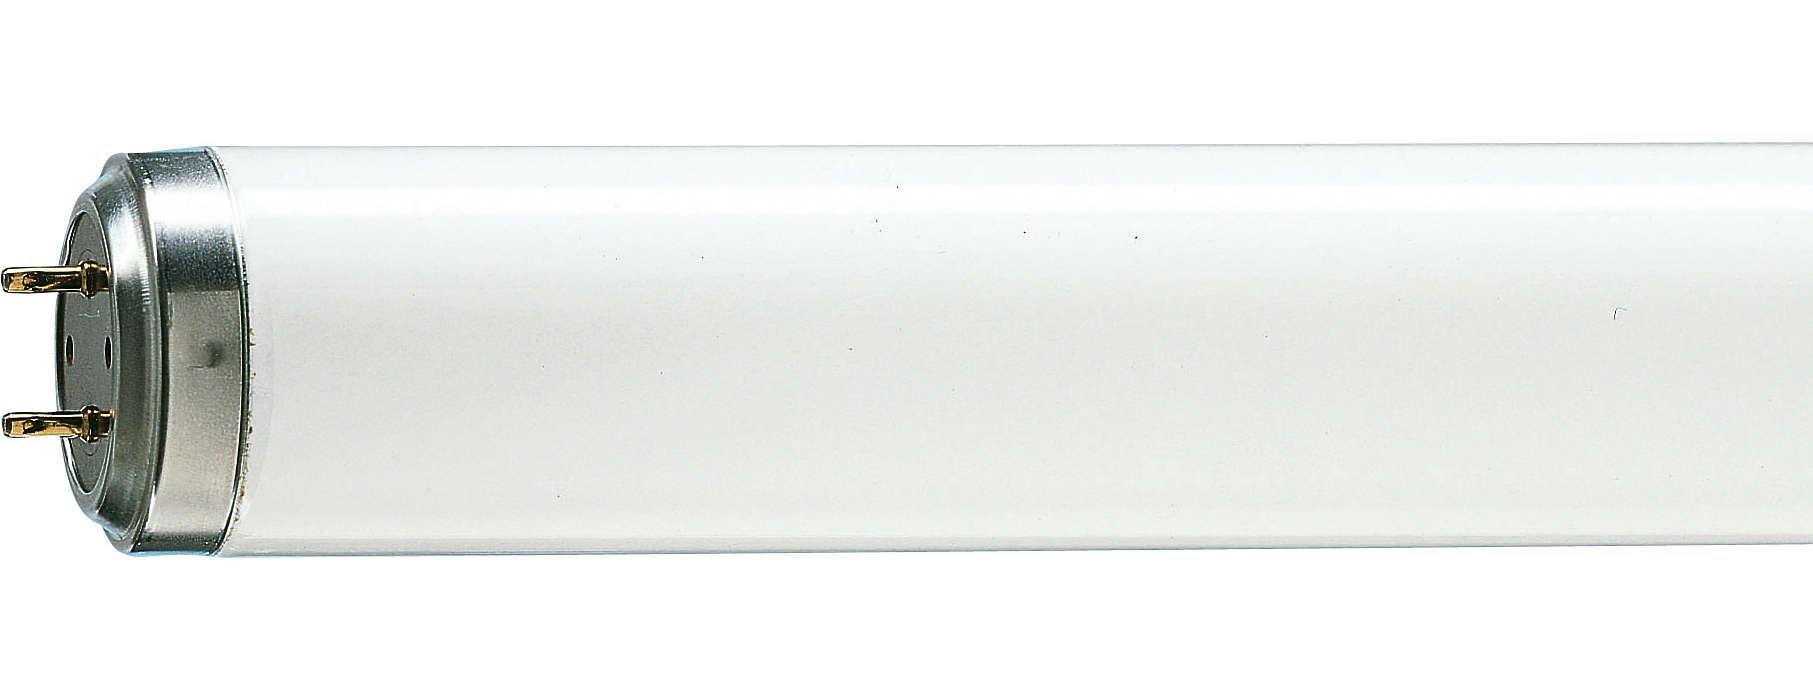 Lâmpadas T12 com partida confiável.